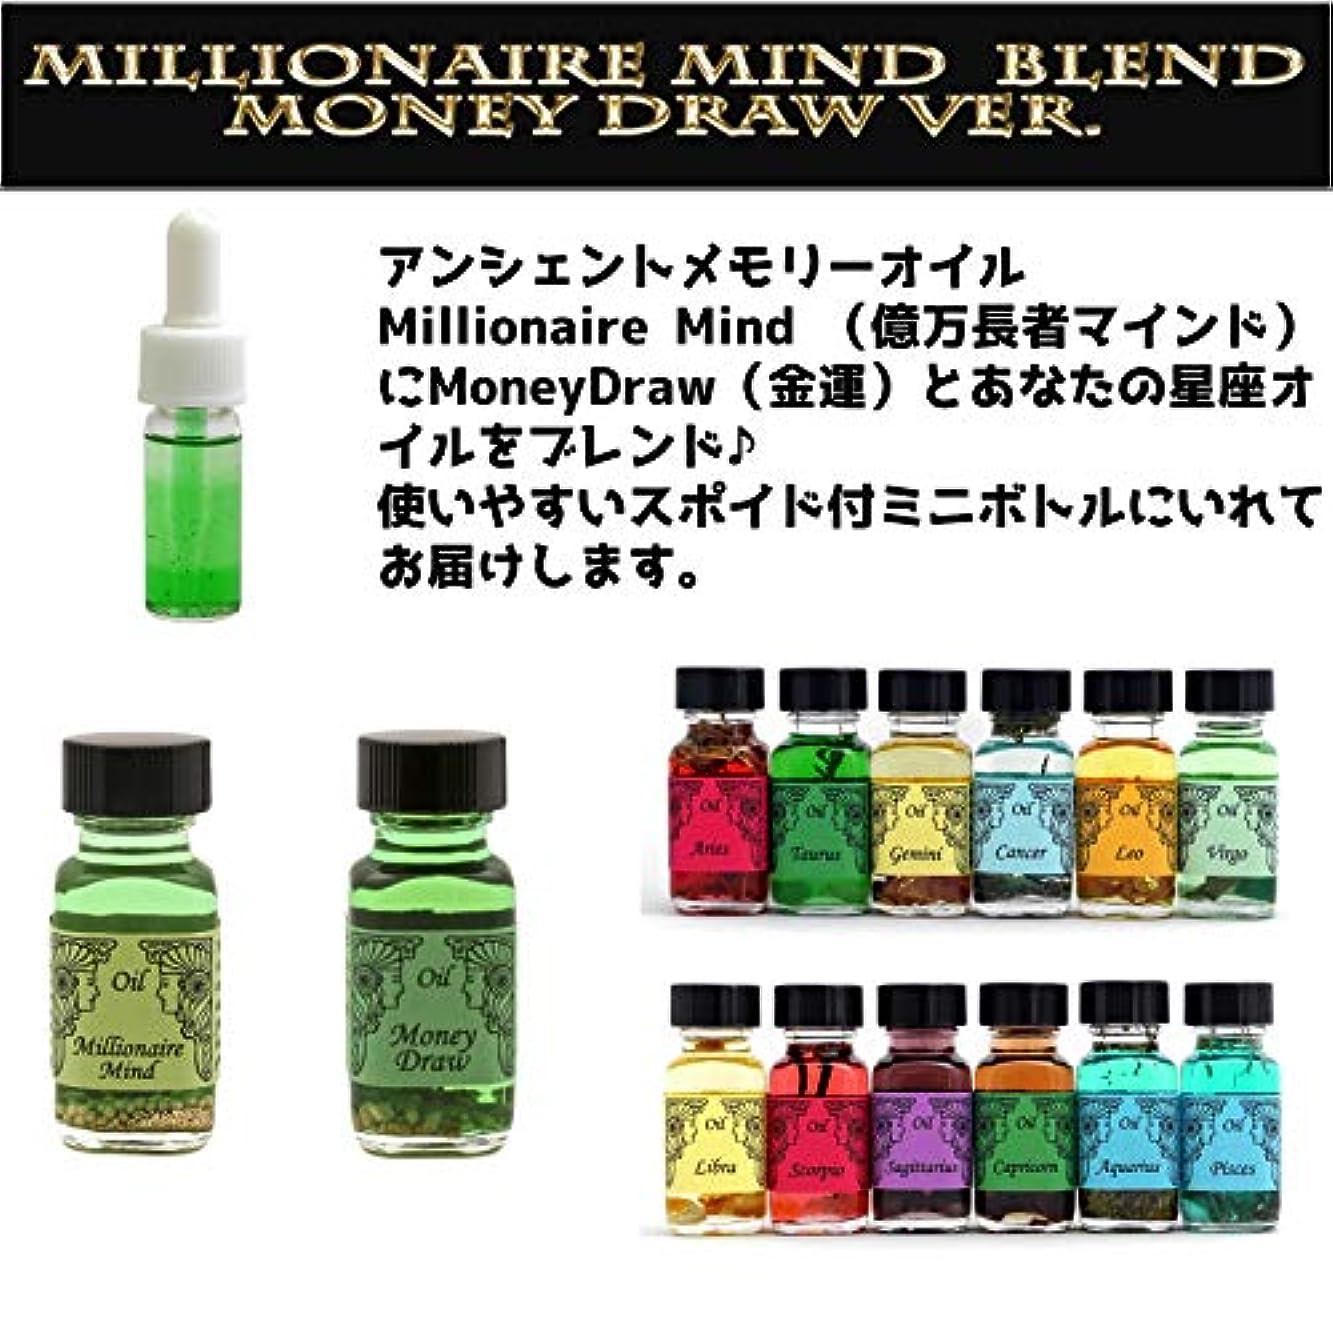 ひどくいらいらさせる資本アンシェントメモリーオイル Millionaire Mind 億万長者マインド ブレンド(Money Drawマネードロー(金運)&かに座